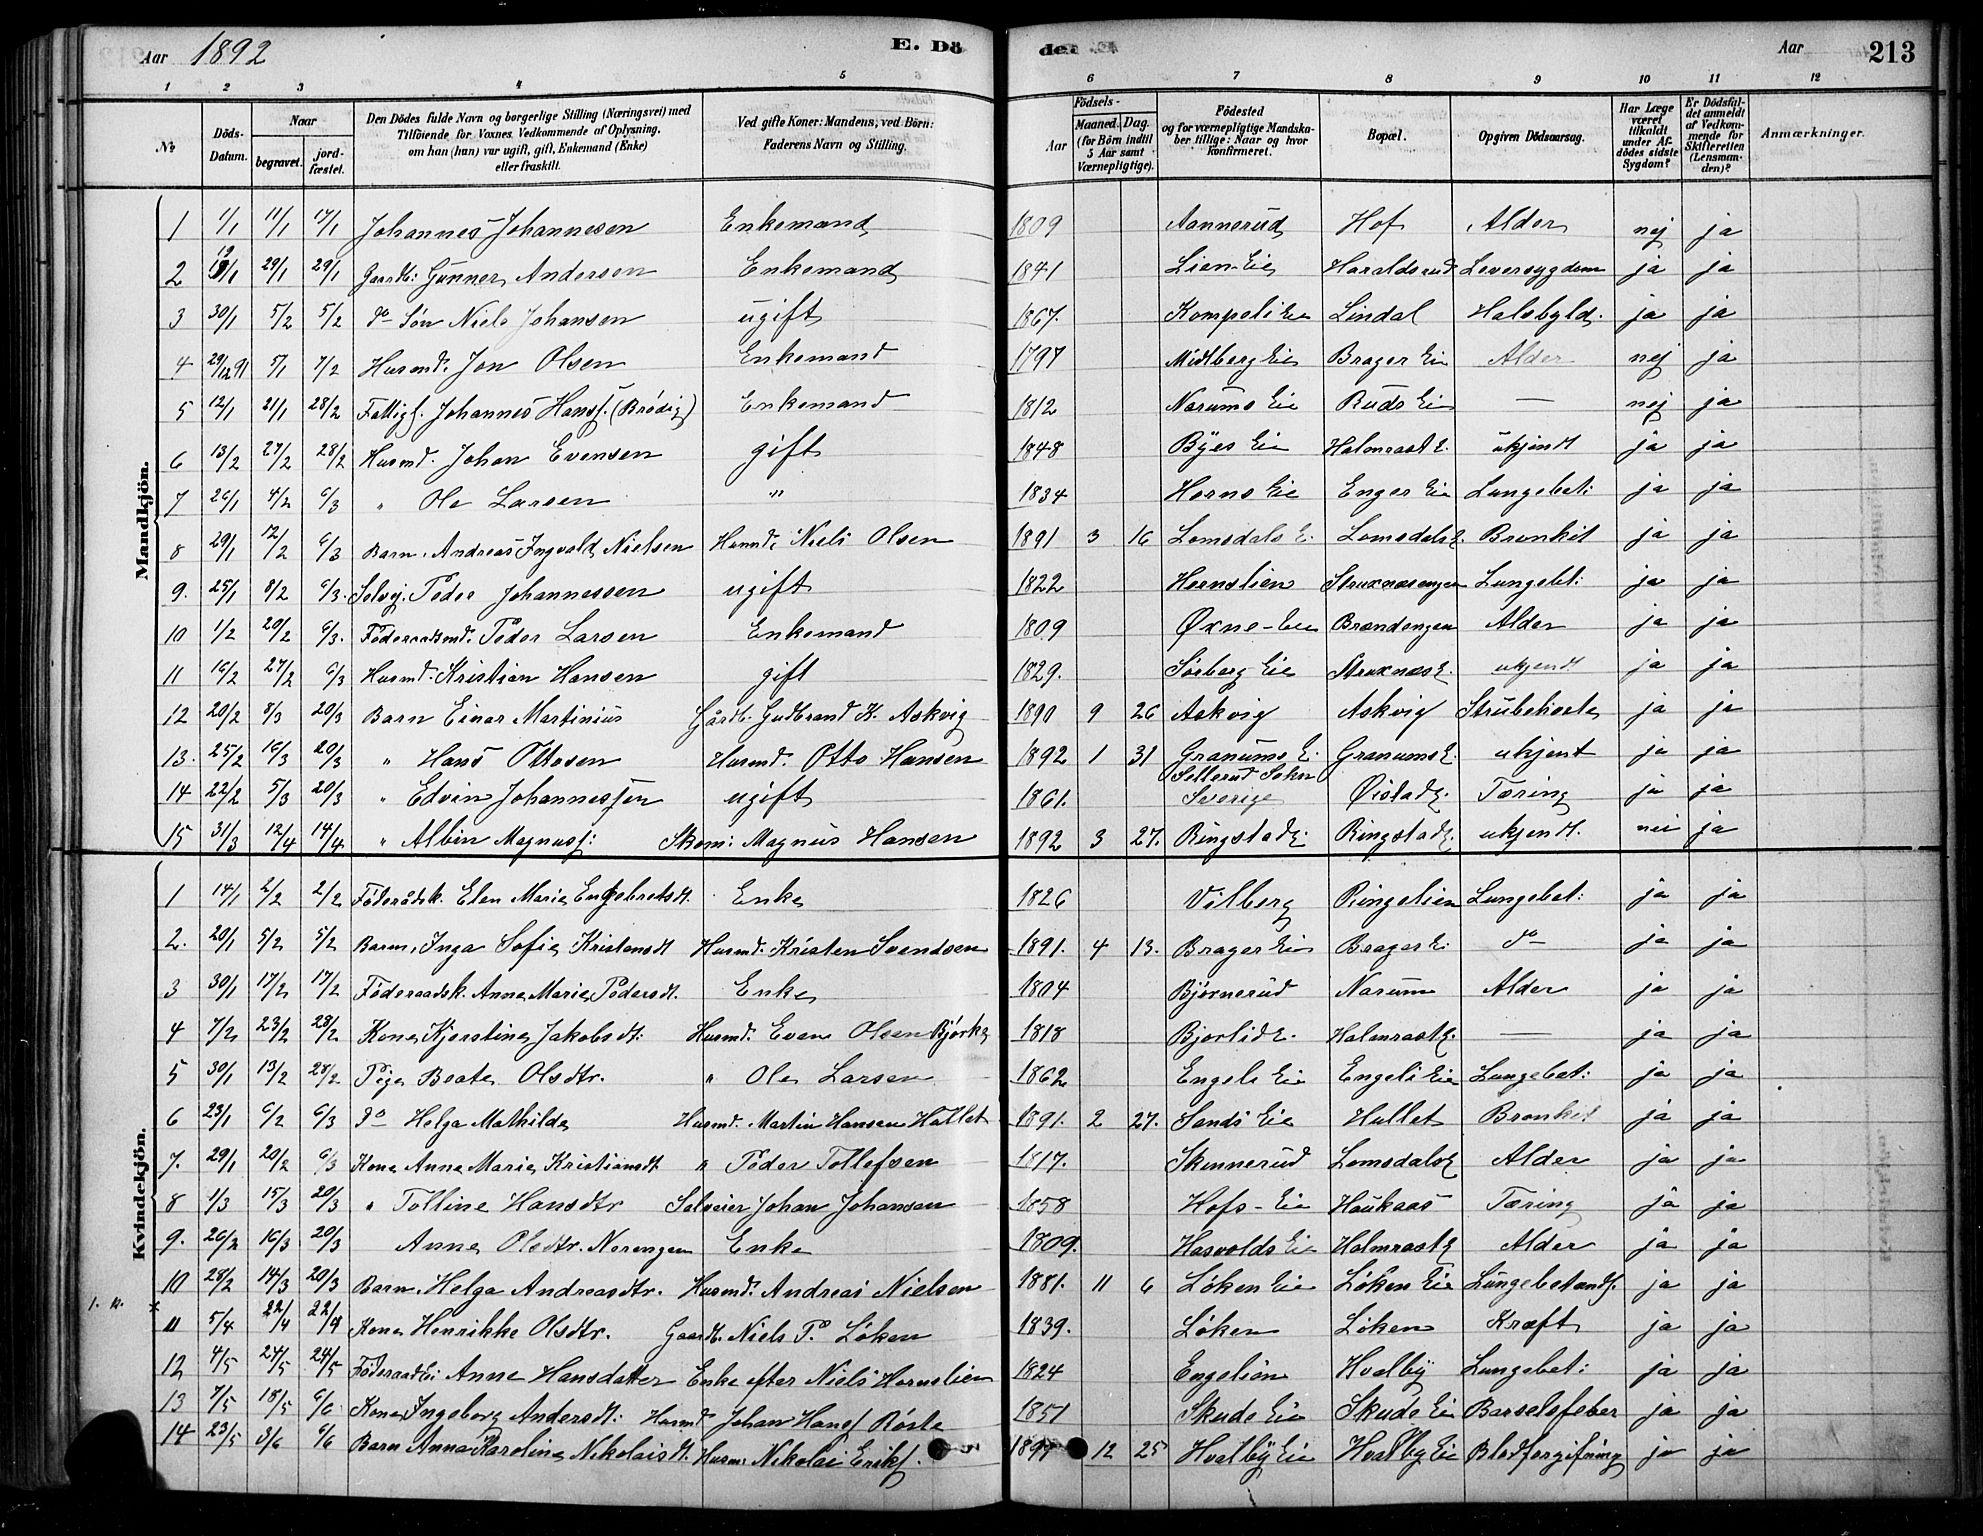 SAH, Søndre Land prestekontor, K/L0003: Ministerialbok nr. 3, 1878-1894, s. 213